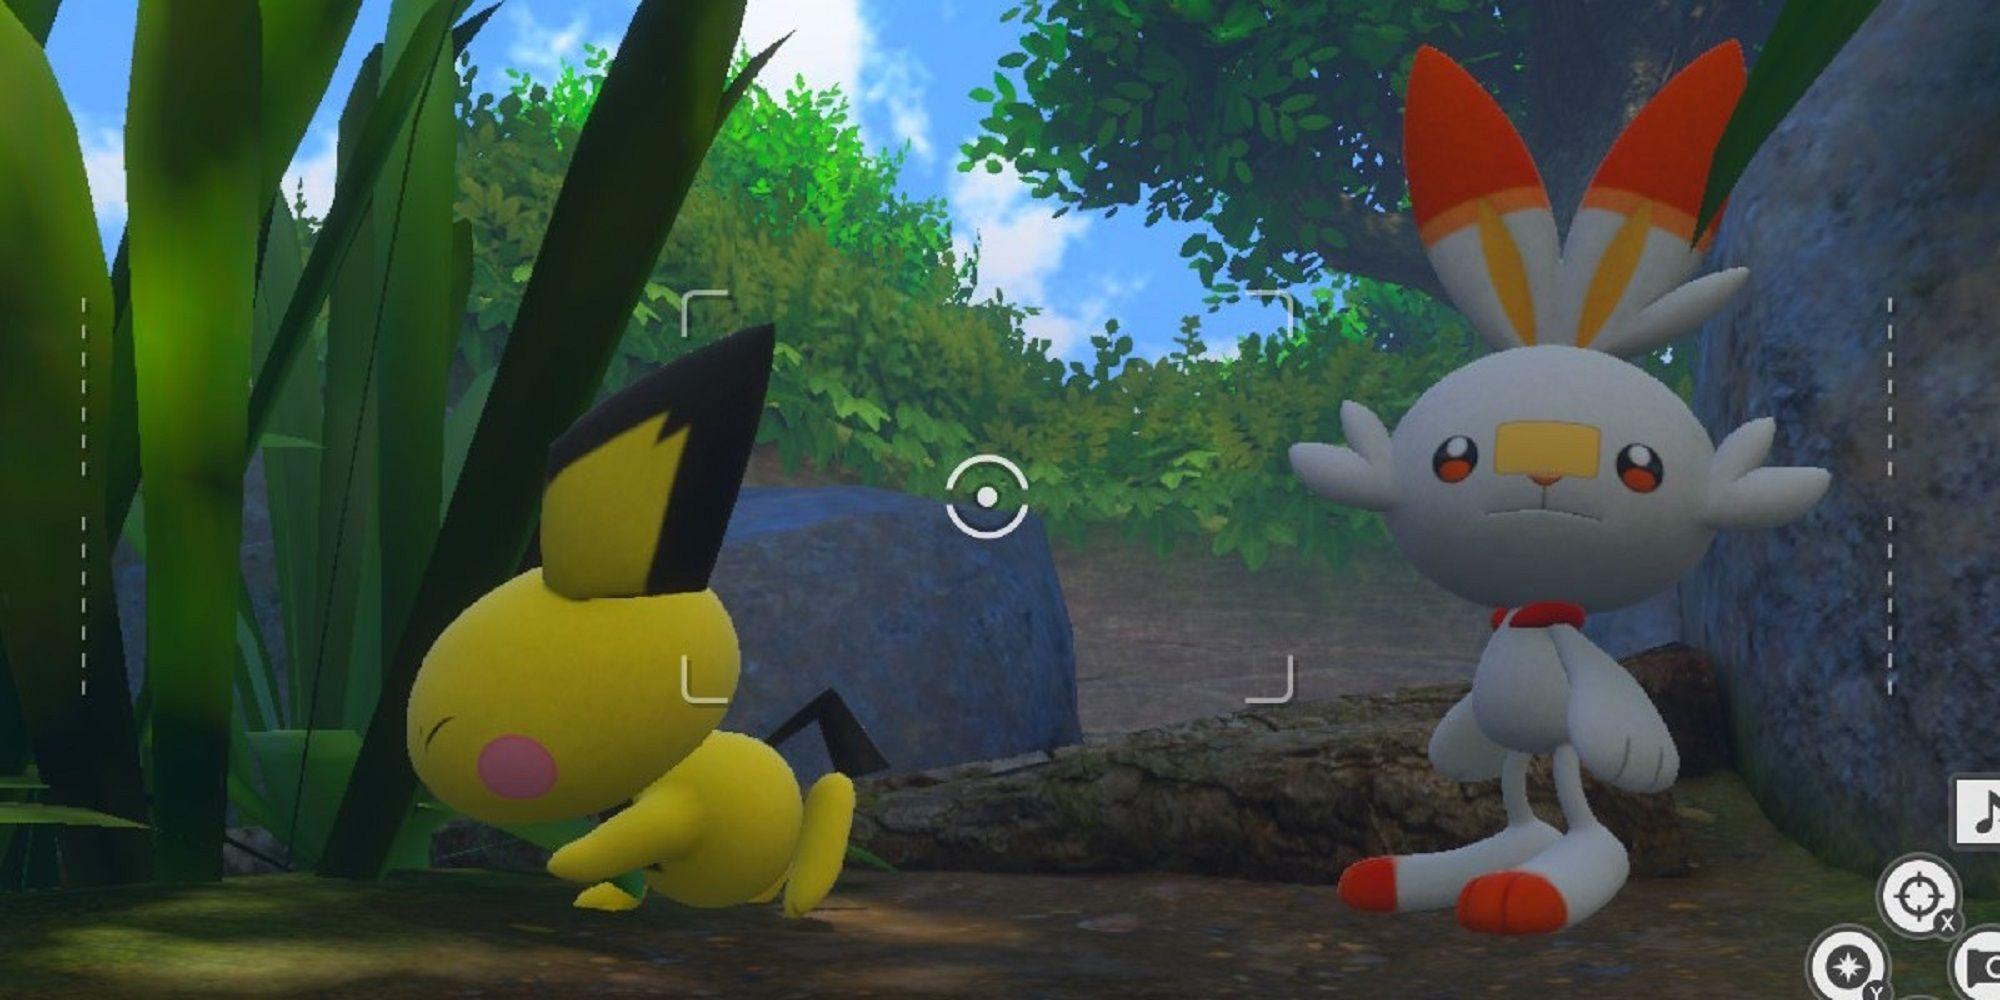 Nuevo complemento de Pokémon: cómo encogerse y entrar en la etapa secreta del camino lateral